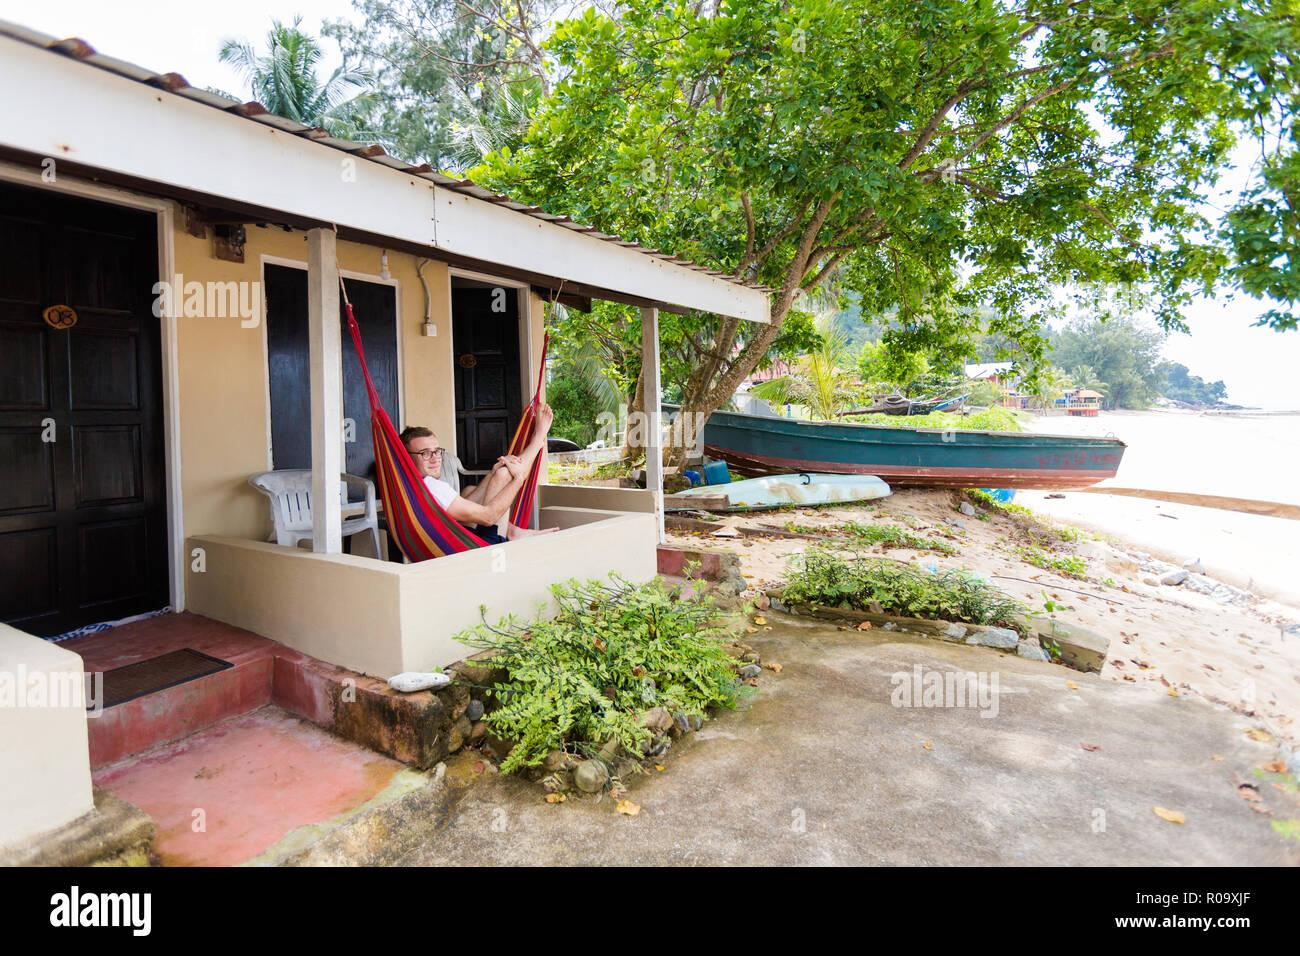 Jungen Touristen Entspannen Auf Hangematte Auf Hotel Balkon Auf Der